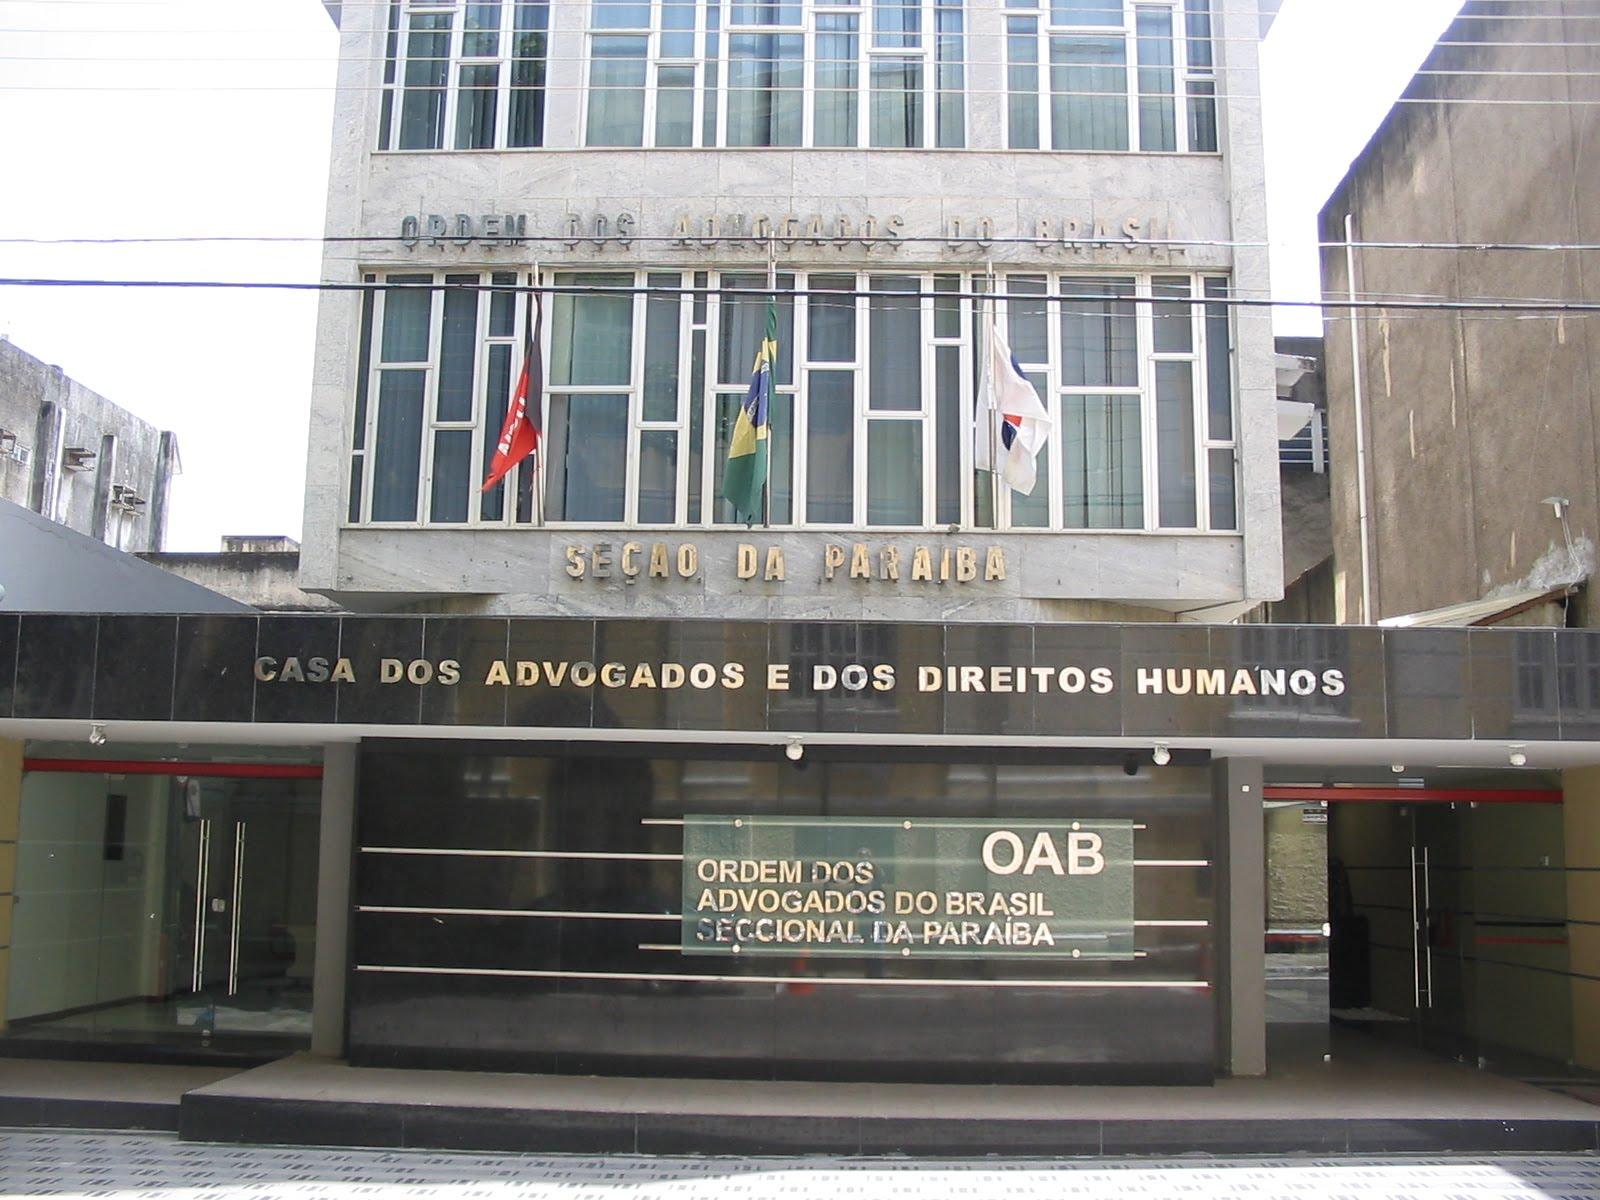 Em nota, OAB-PB esclarece que não tem posição definida sobre decisão do STF que proibiu vaquejadas